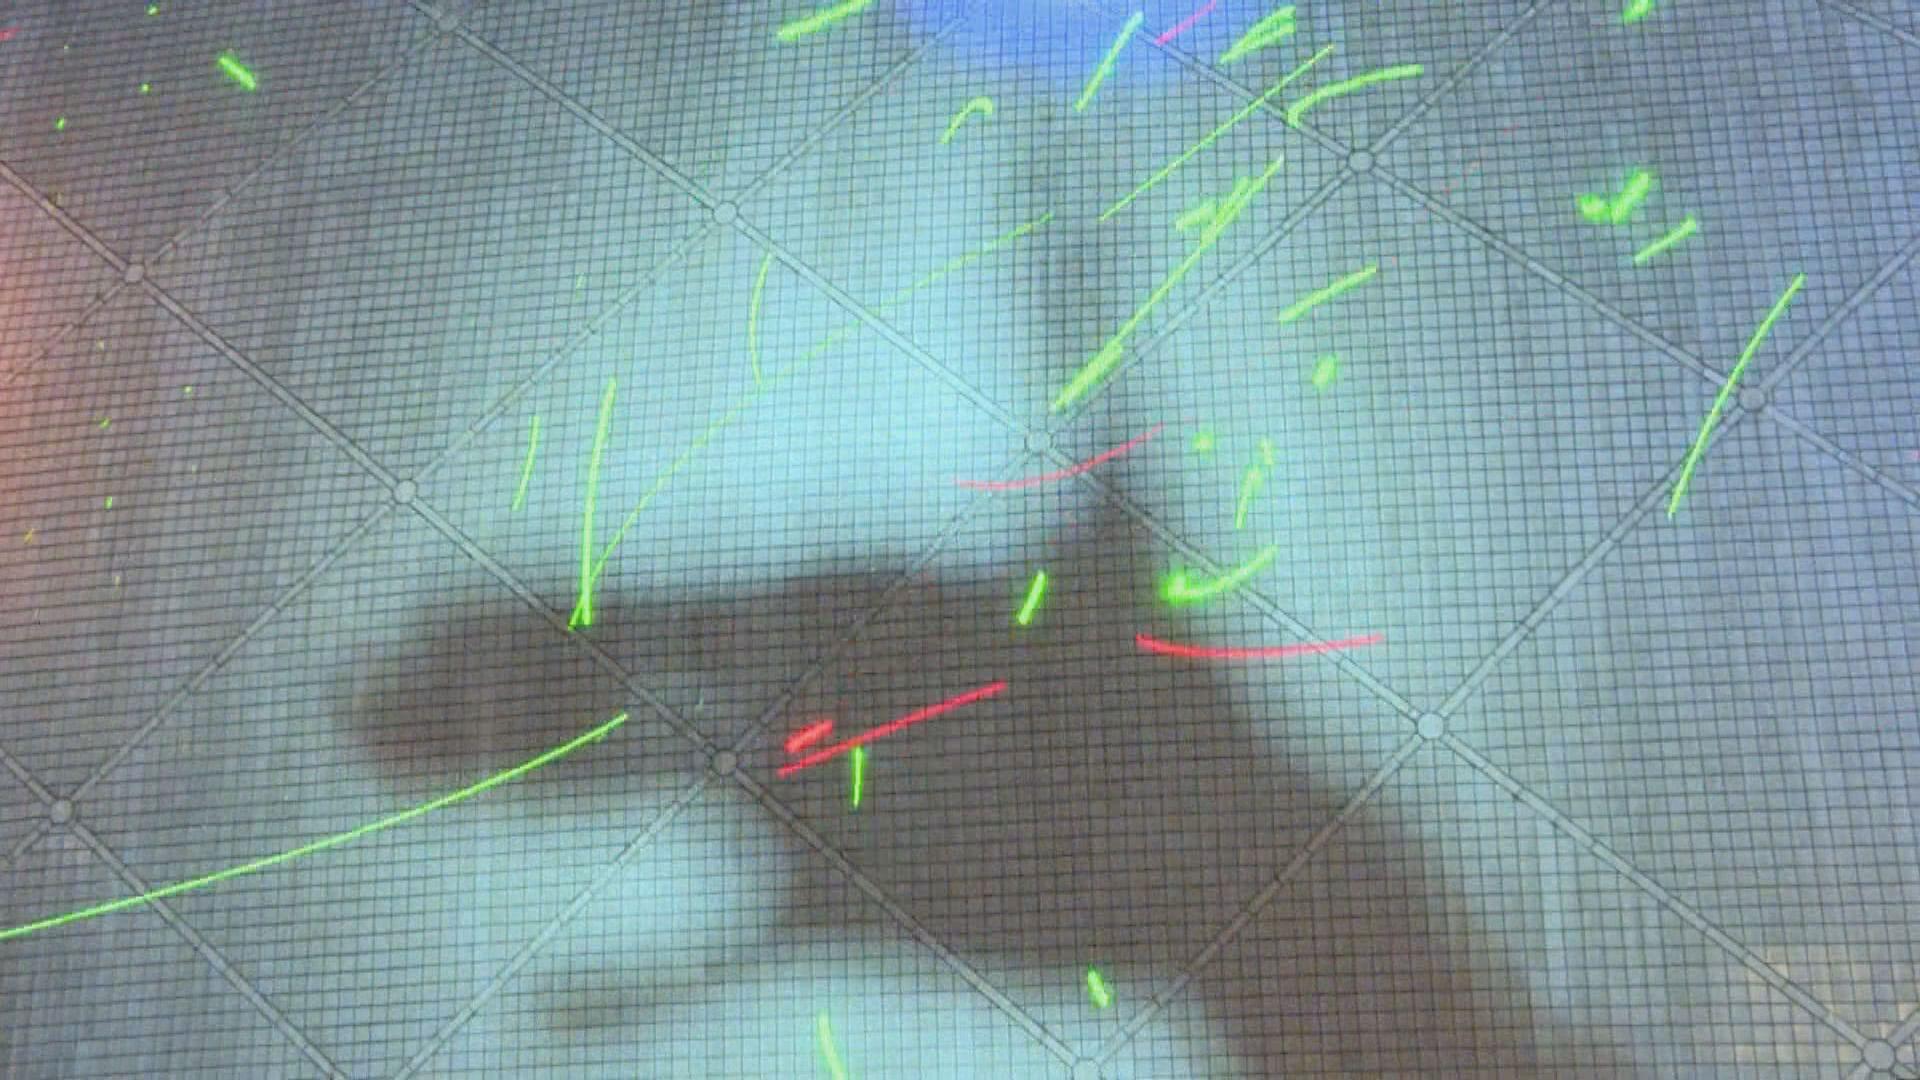 【即日焦點】少年攜雷射筆遭裁判官改控罪 有議員憂令警方濫告;有評論建議將《蒙娜麗莎》遷離羅浮宮惹批評